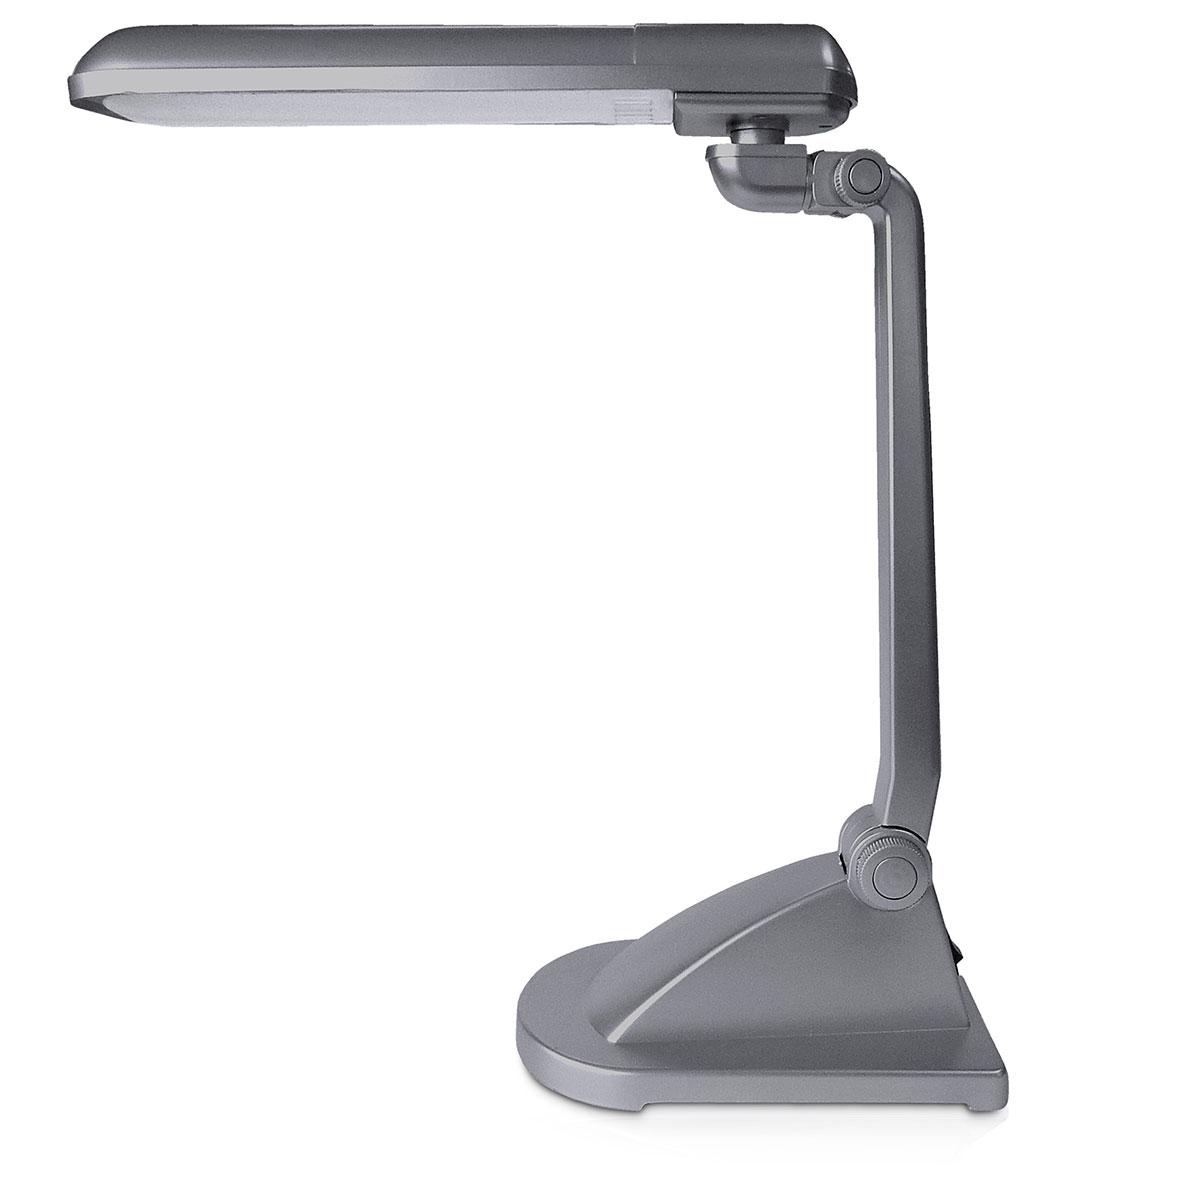 Luminaria De Mesa Premium Polietileno 1x11w 127v Preto